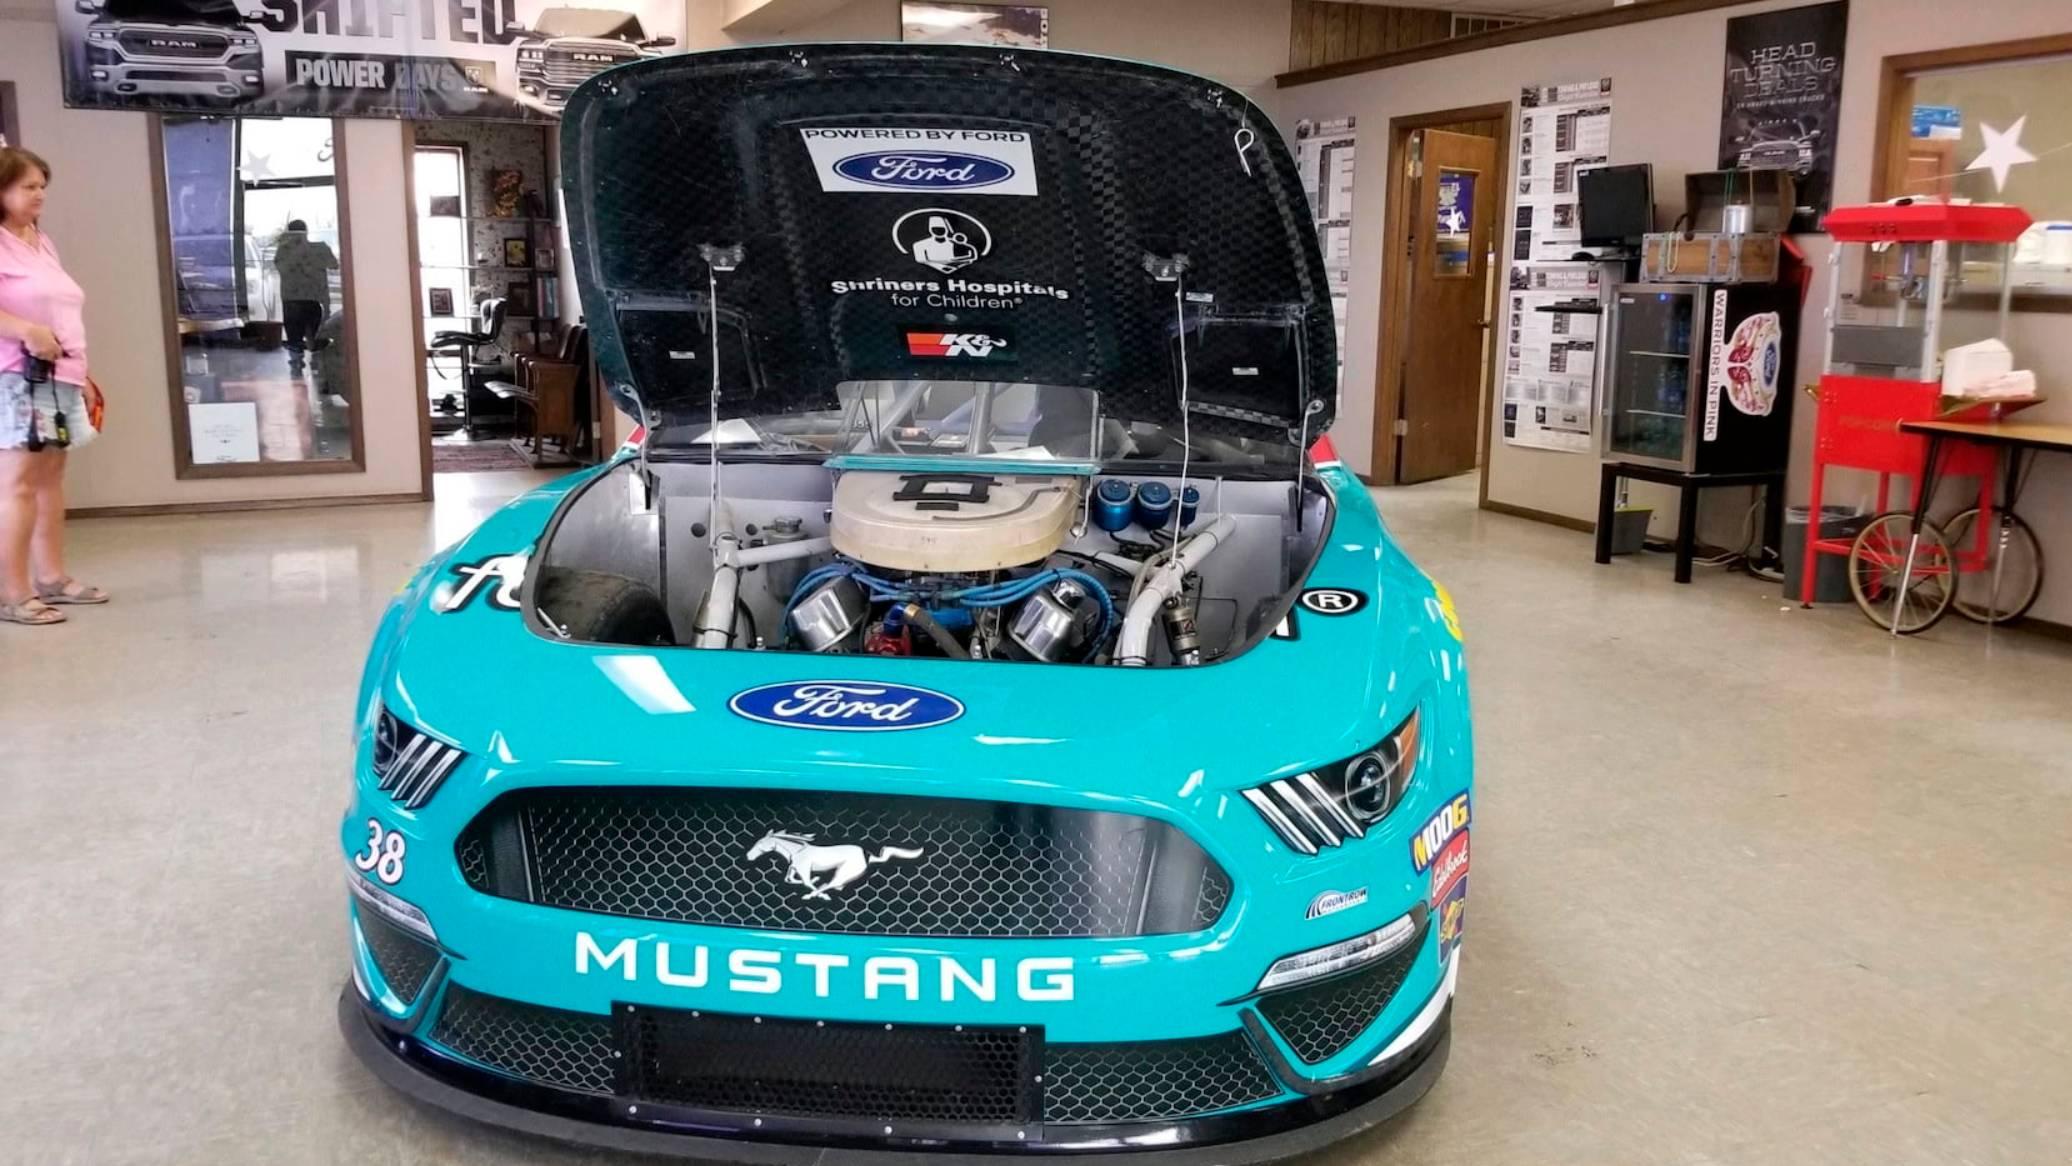 2019 NASCAR race car